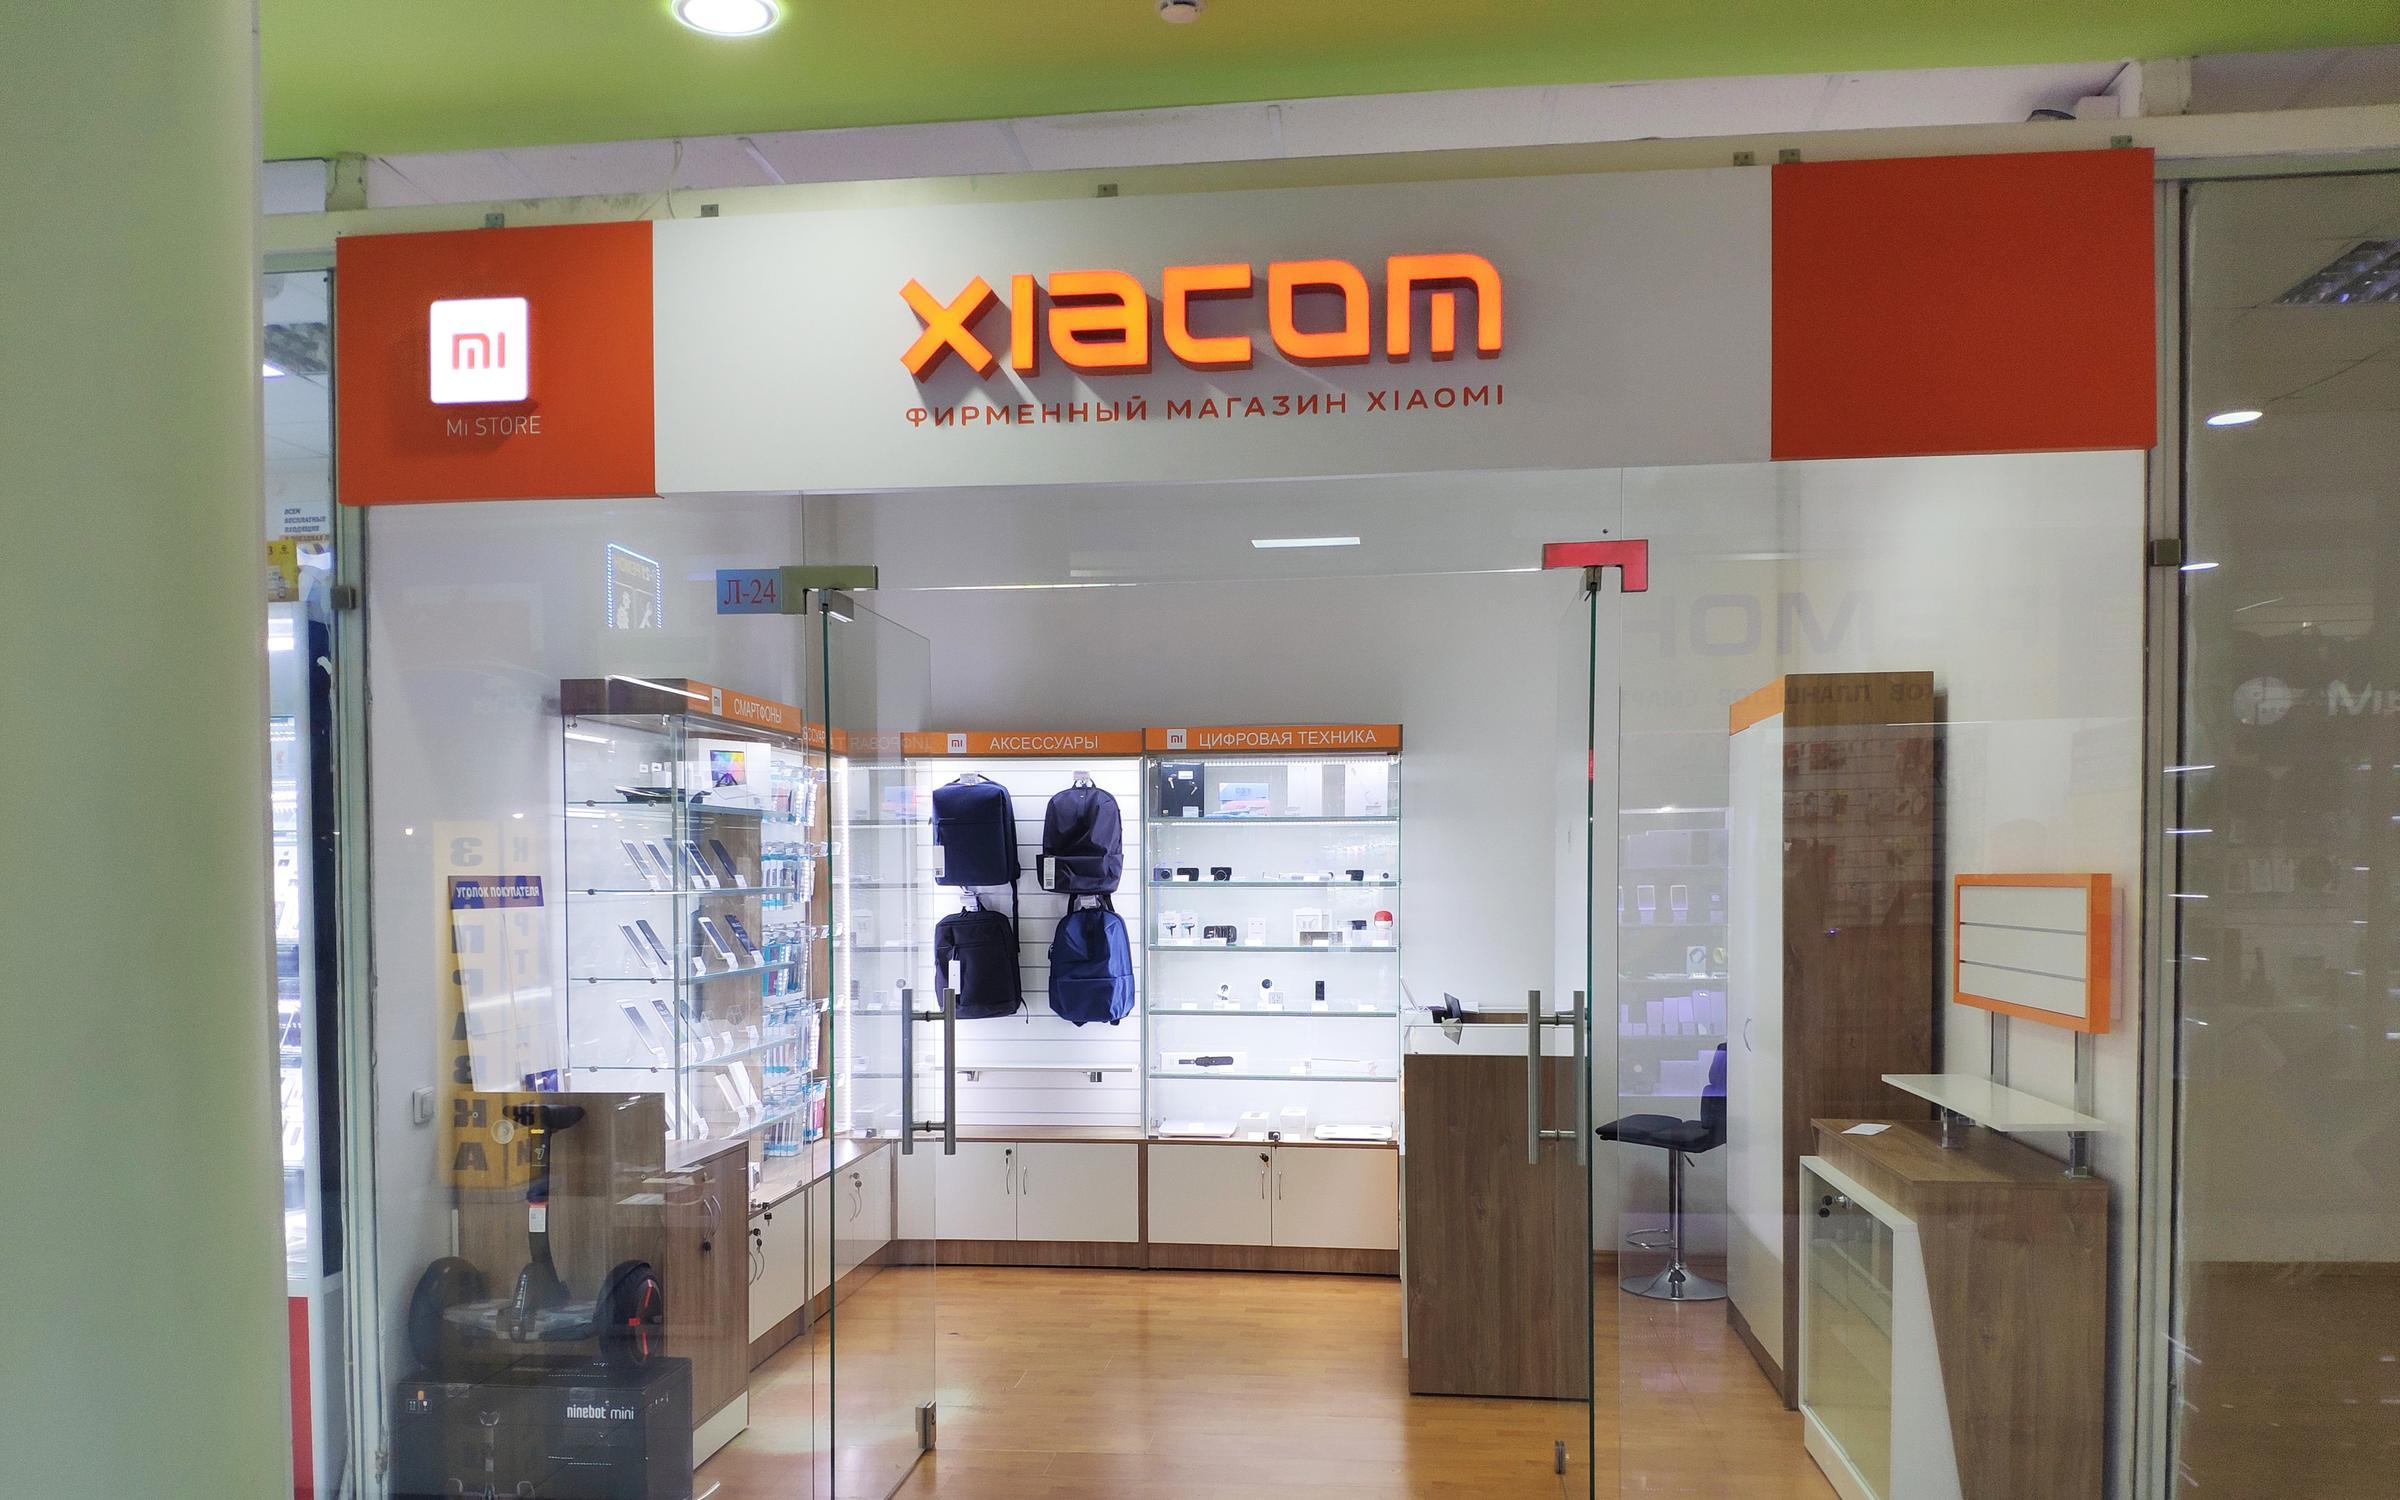 фотография Магазина Xiaomi Xiacom на Шарикоподшипниковской улице